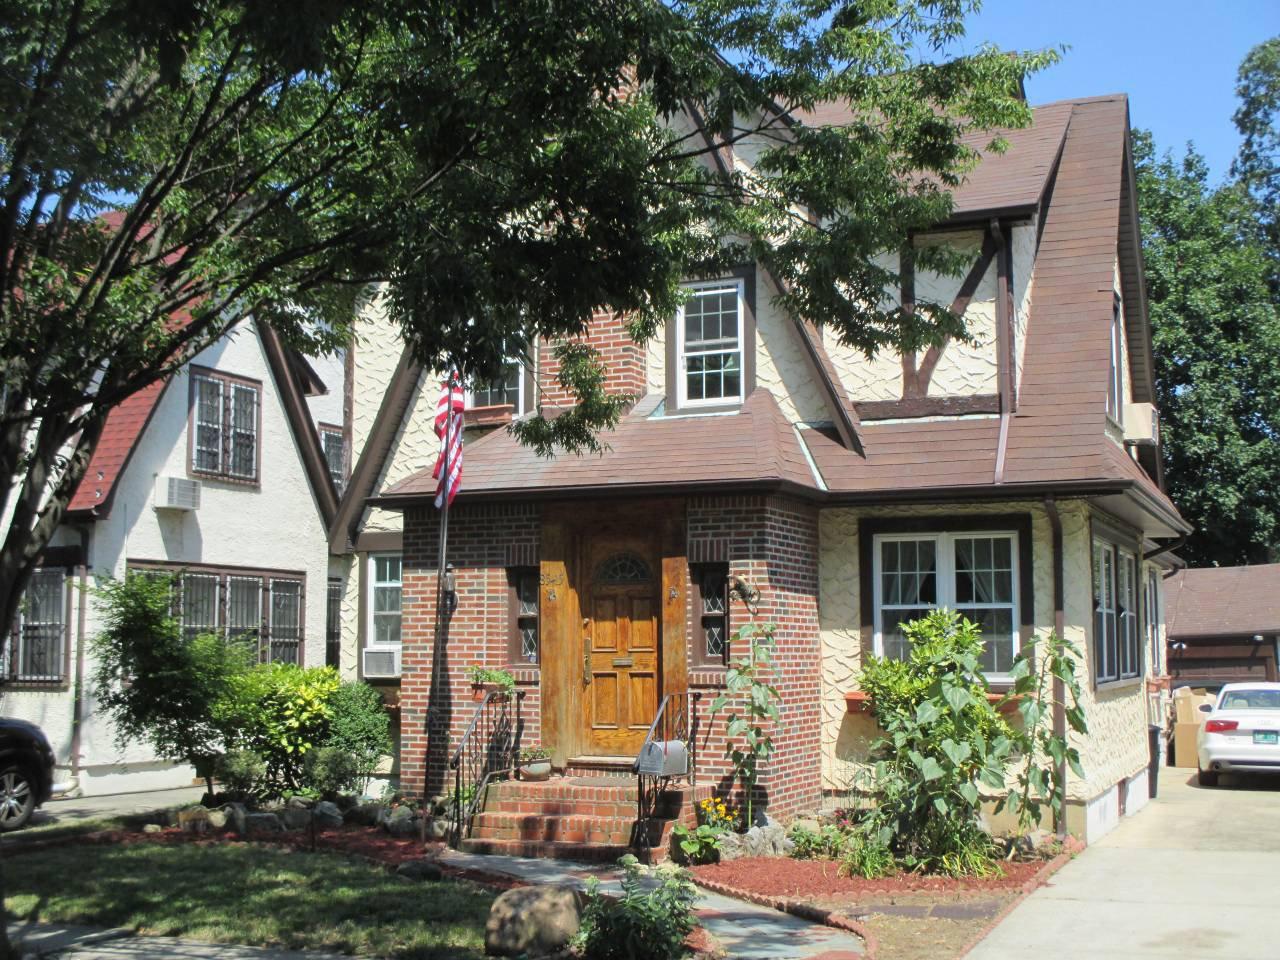 ¿Quieres dormir en la casa donde creció Trump? Airbnb lo hace posible